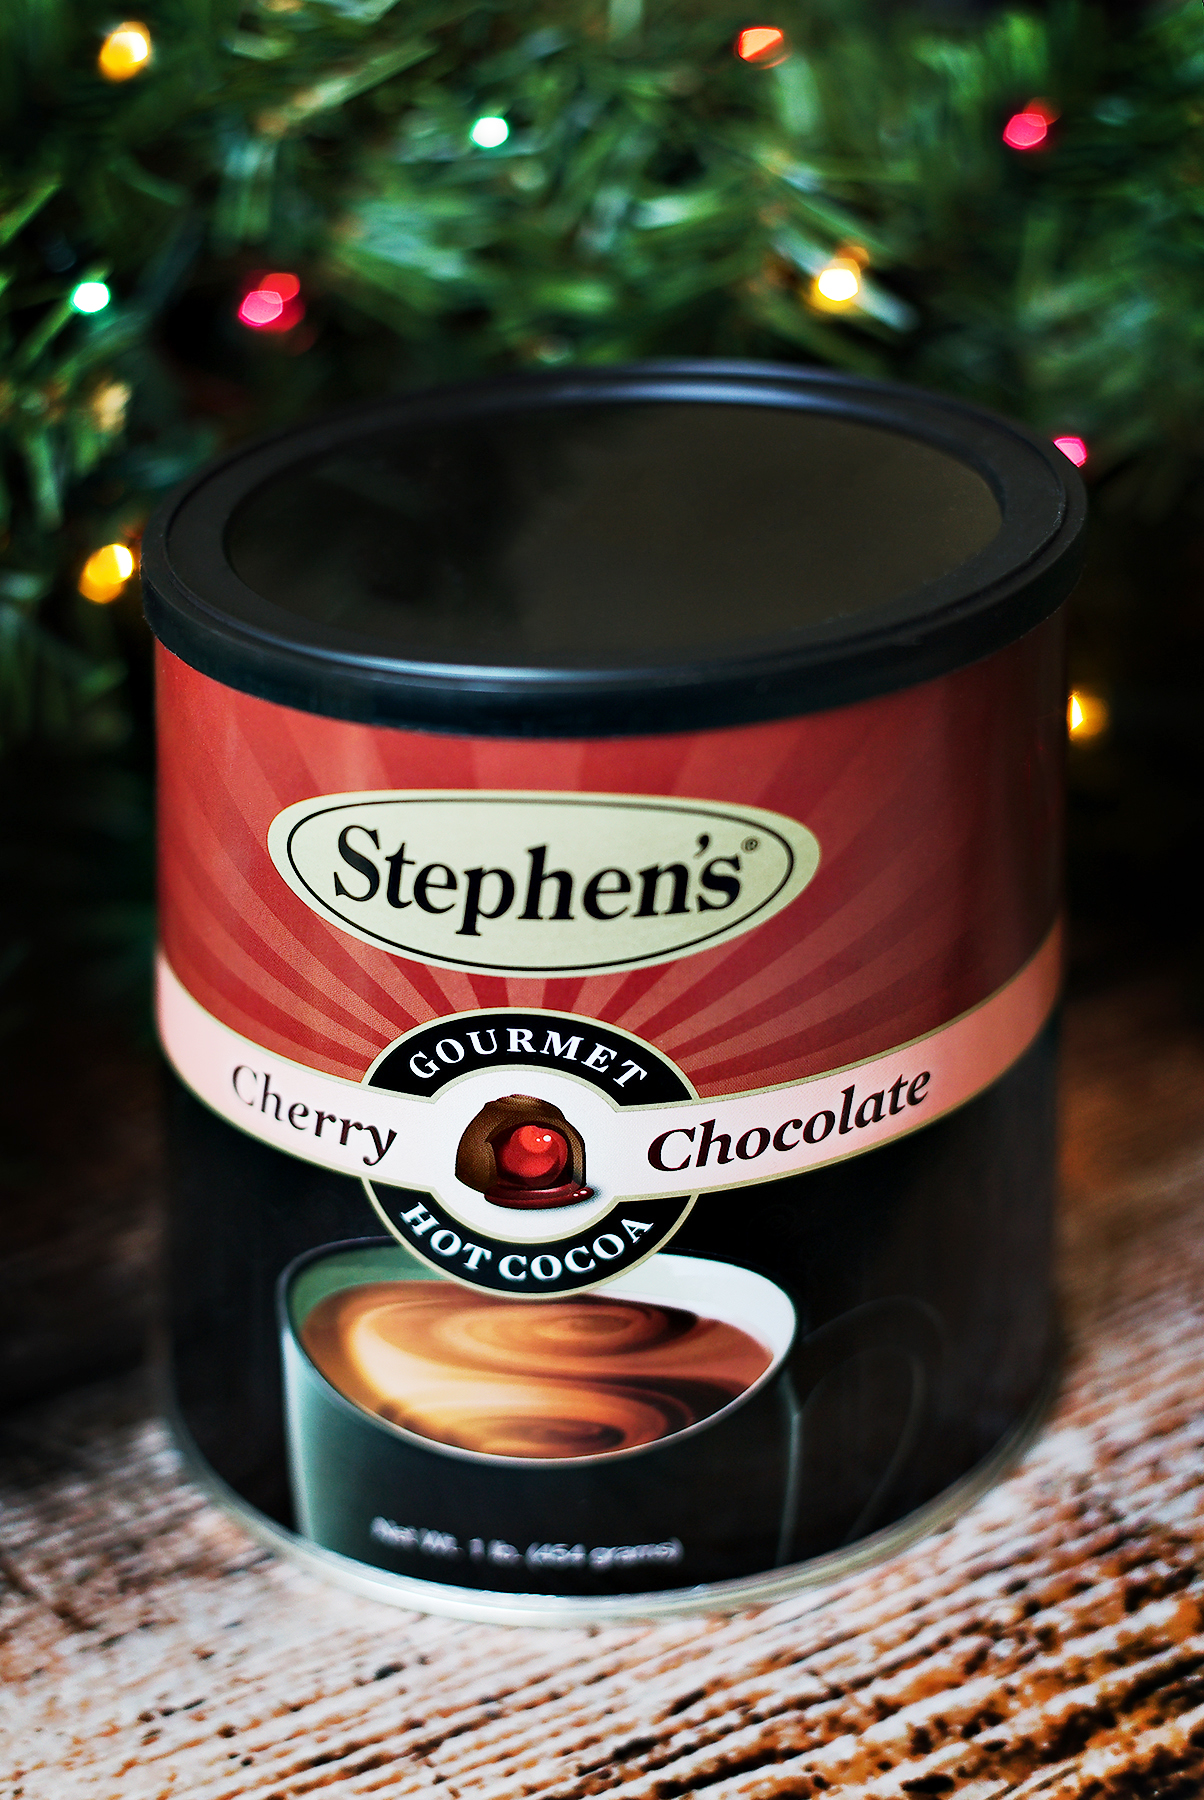 Stephens_CherryChocolate.jpg